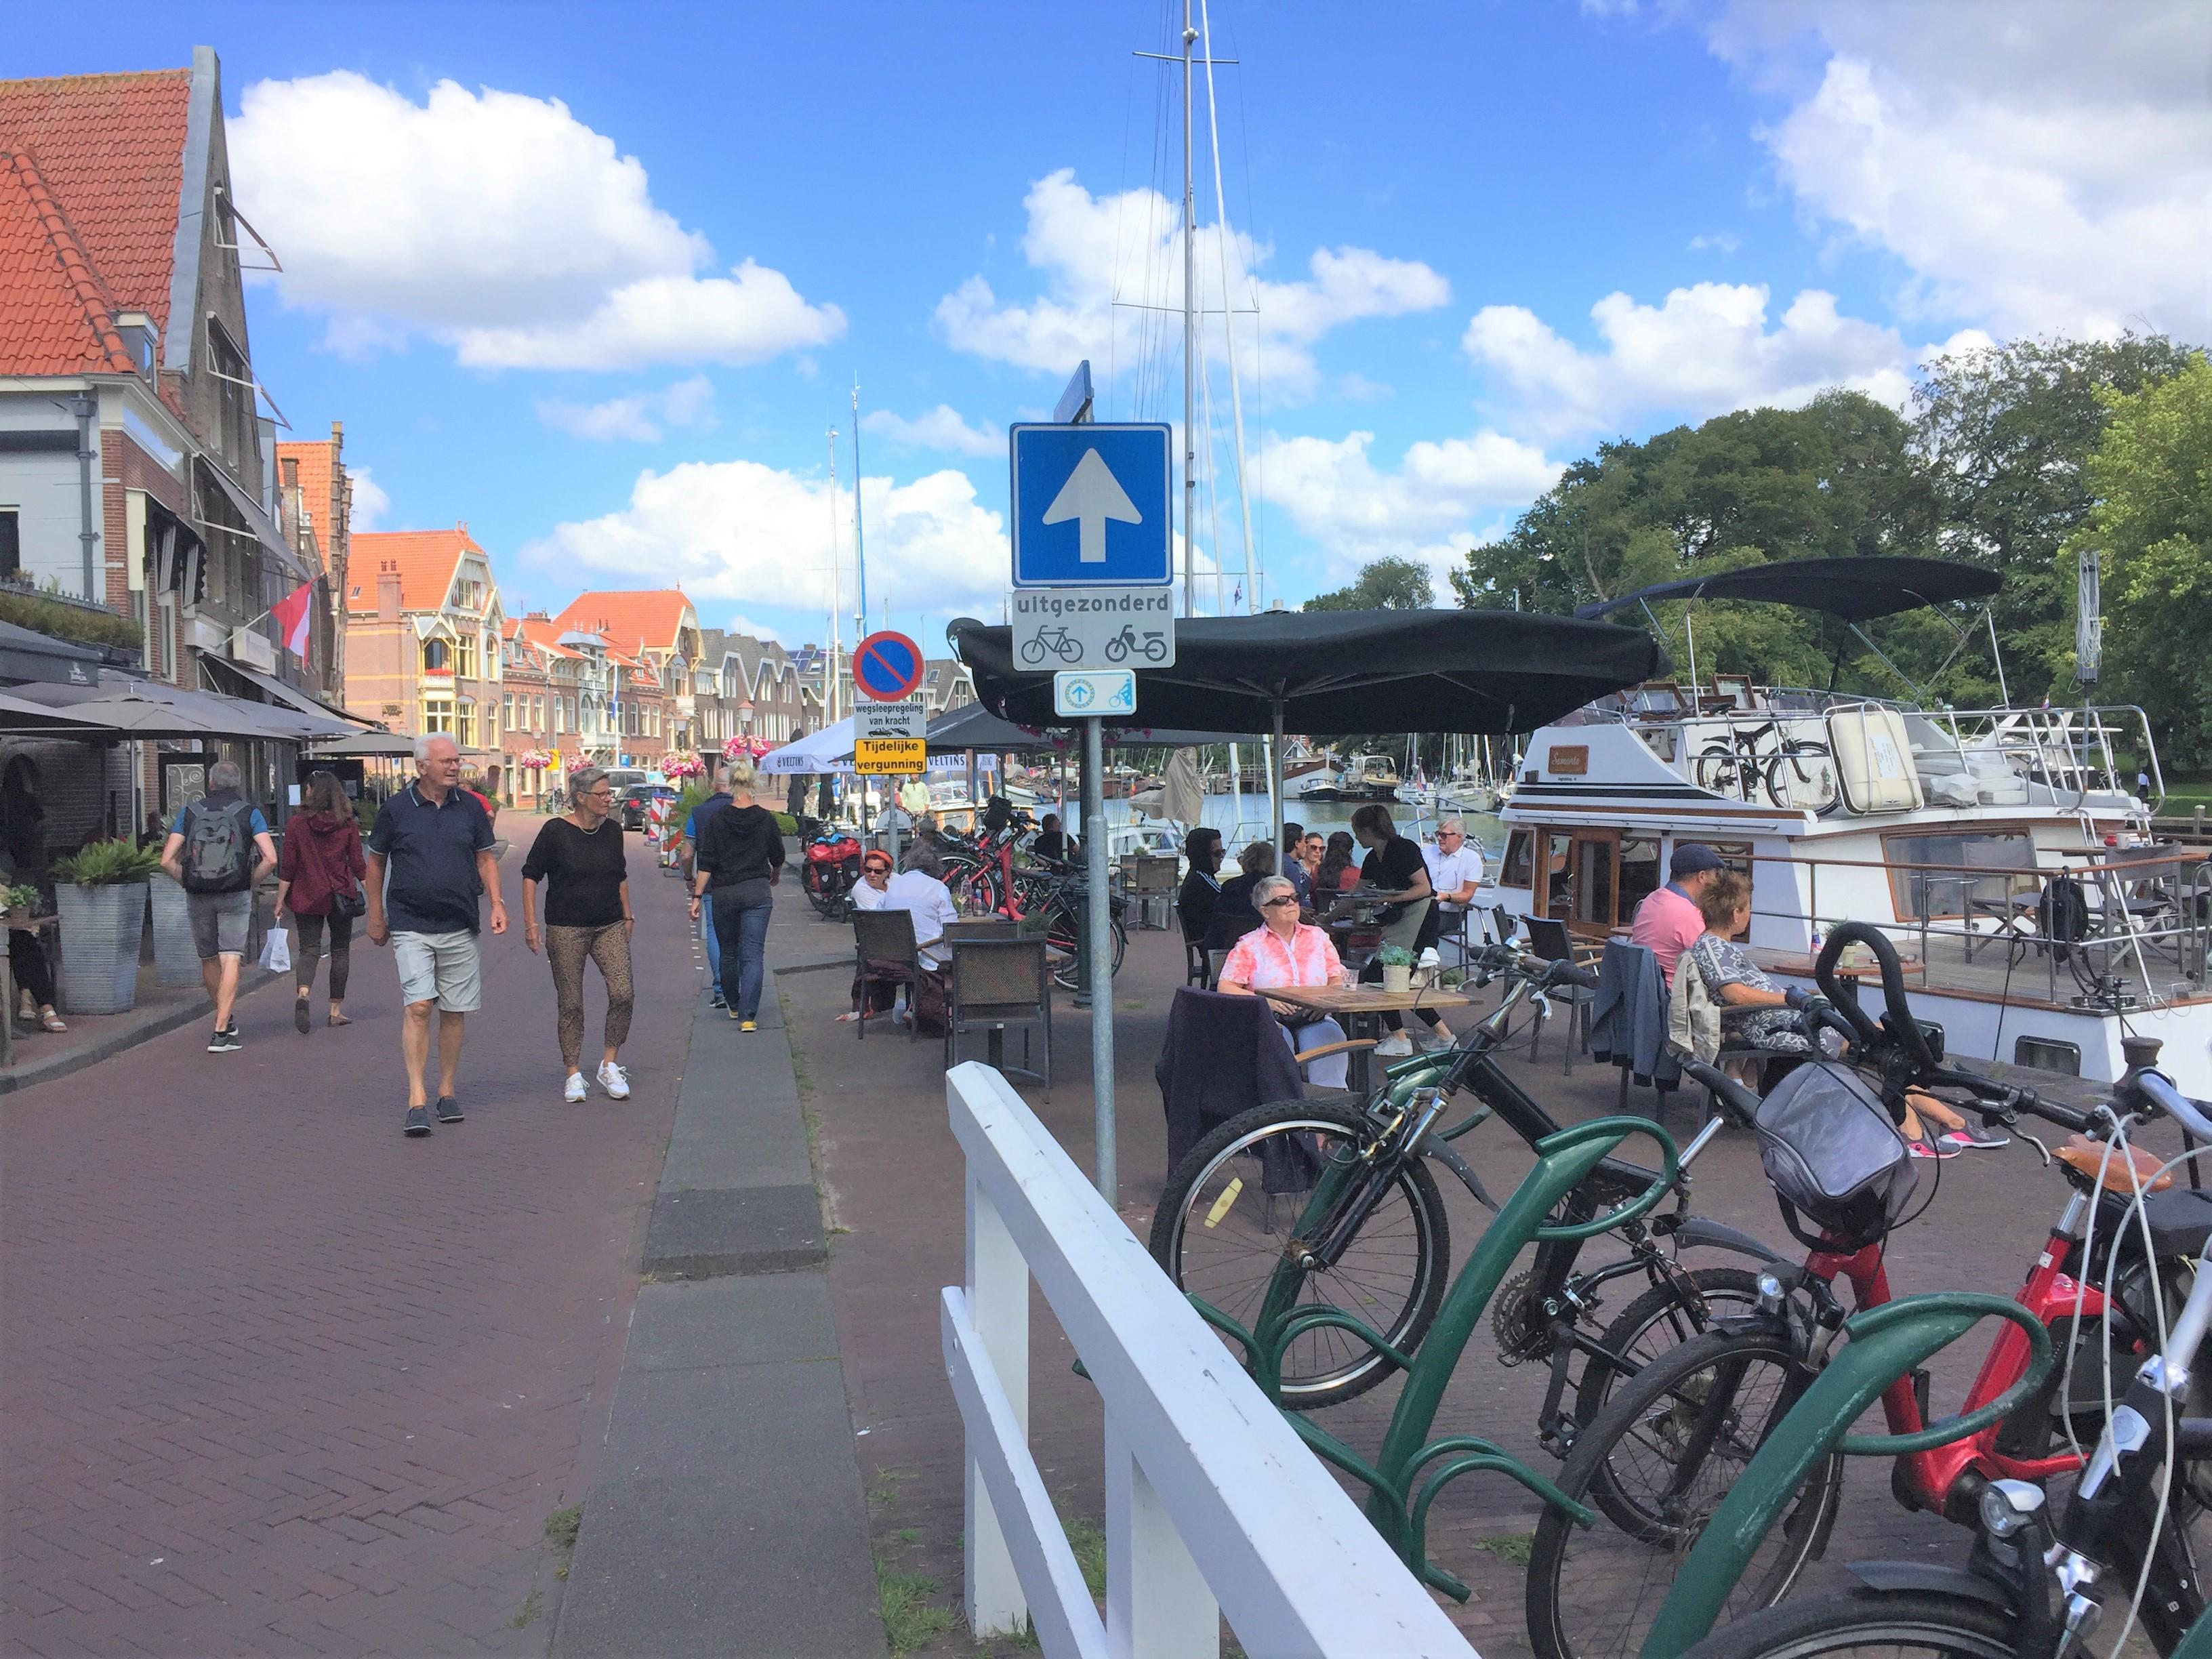 Actie bewoners havenkwartier Hoorn tegen permanente terrassen